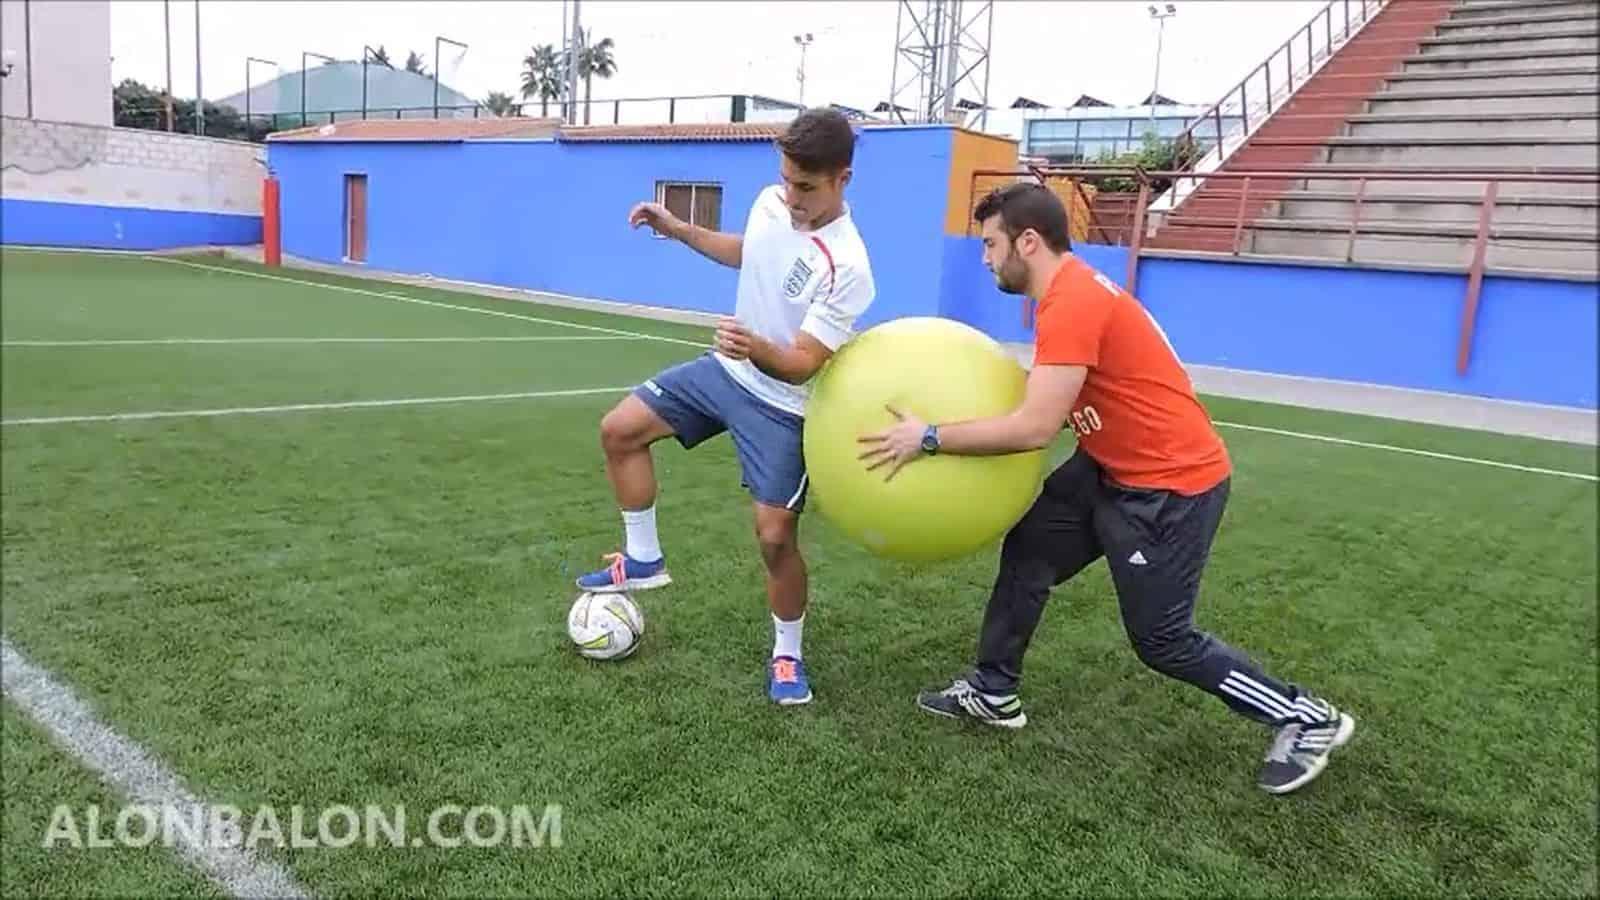 Desestabilización de rodilla en control de balón